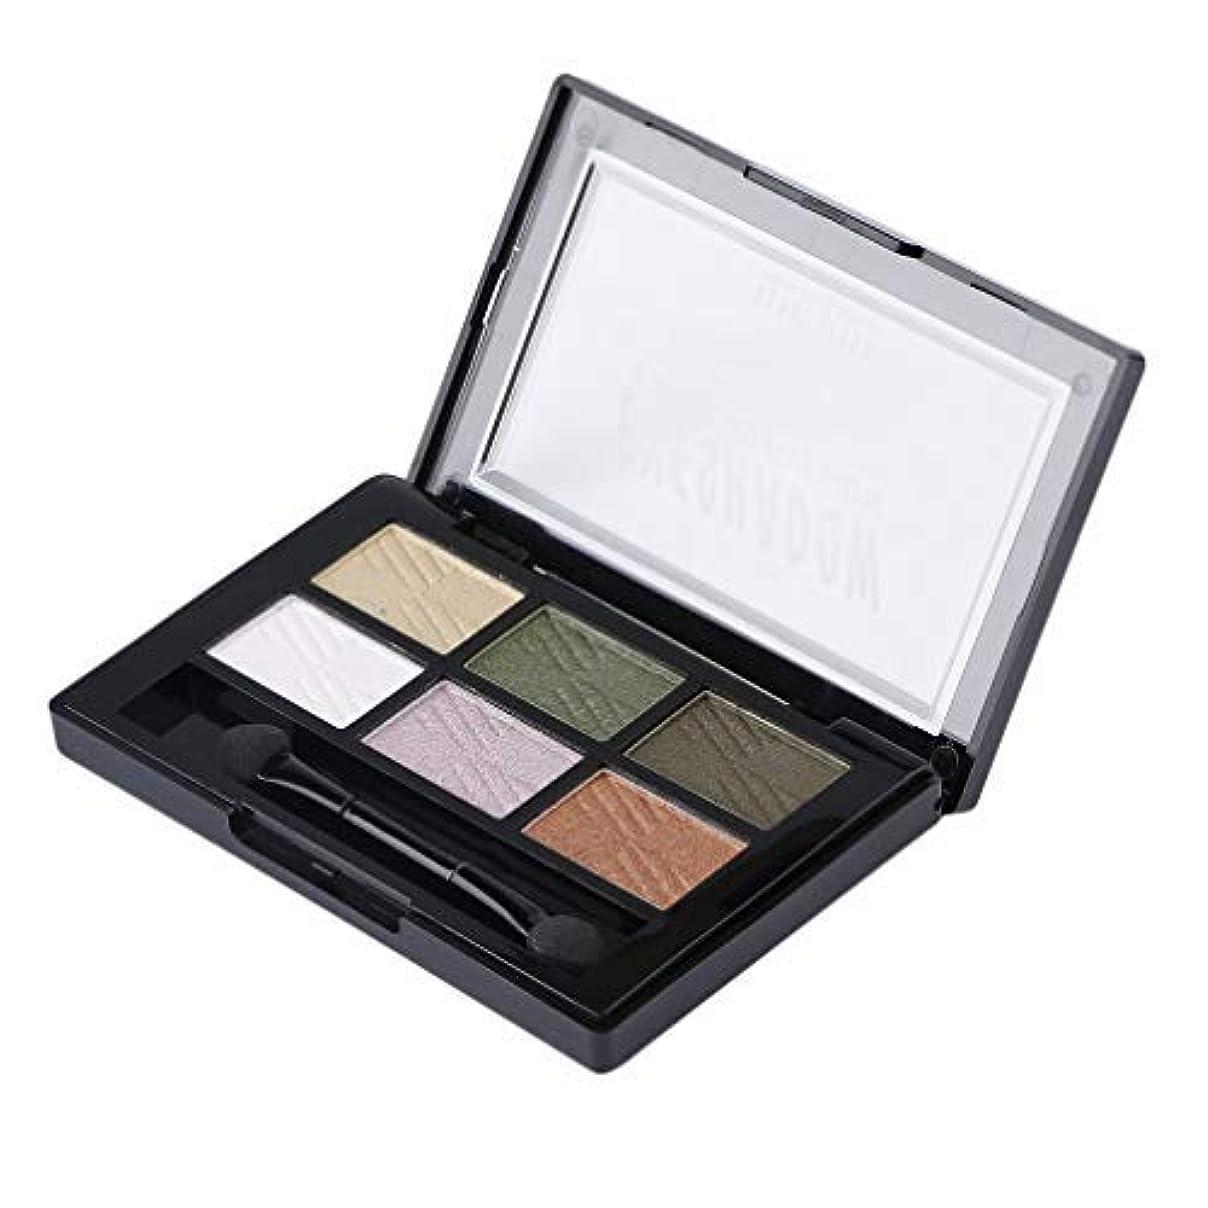 原因一定別の6色のアイシャドウパレットガールズファッション女性グリッターアイシャドウプロフェッショナルメイクアップスムーズな目化粧品1#